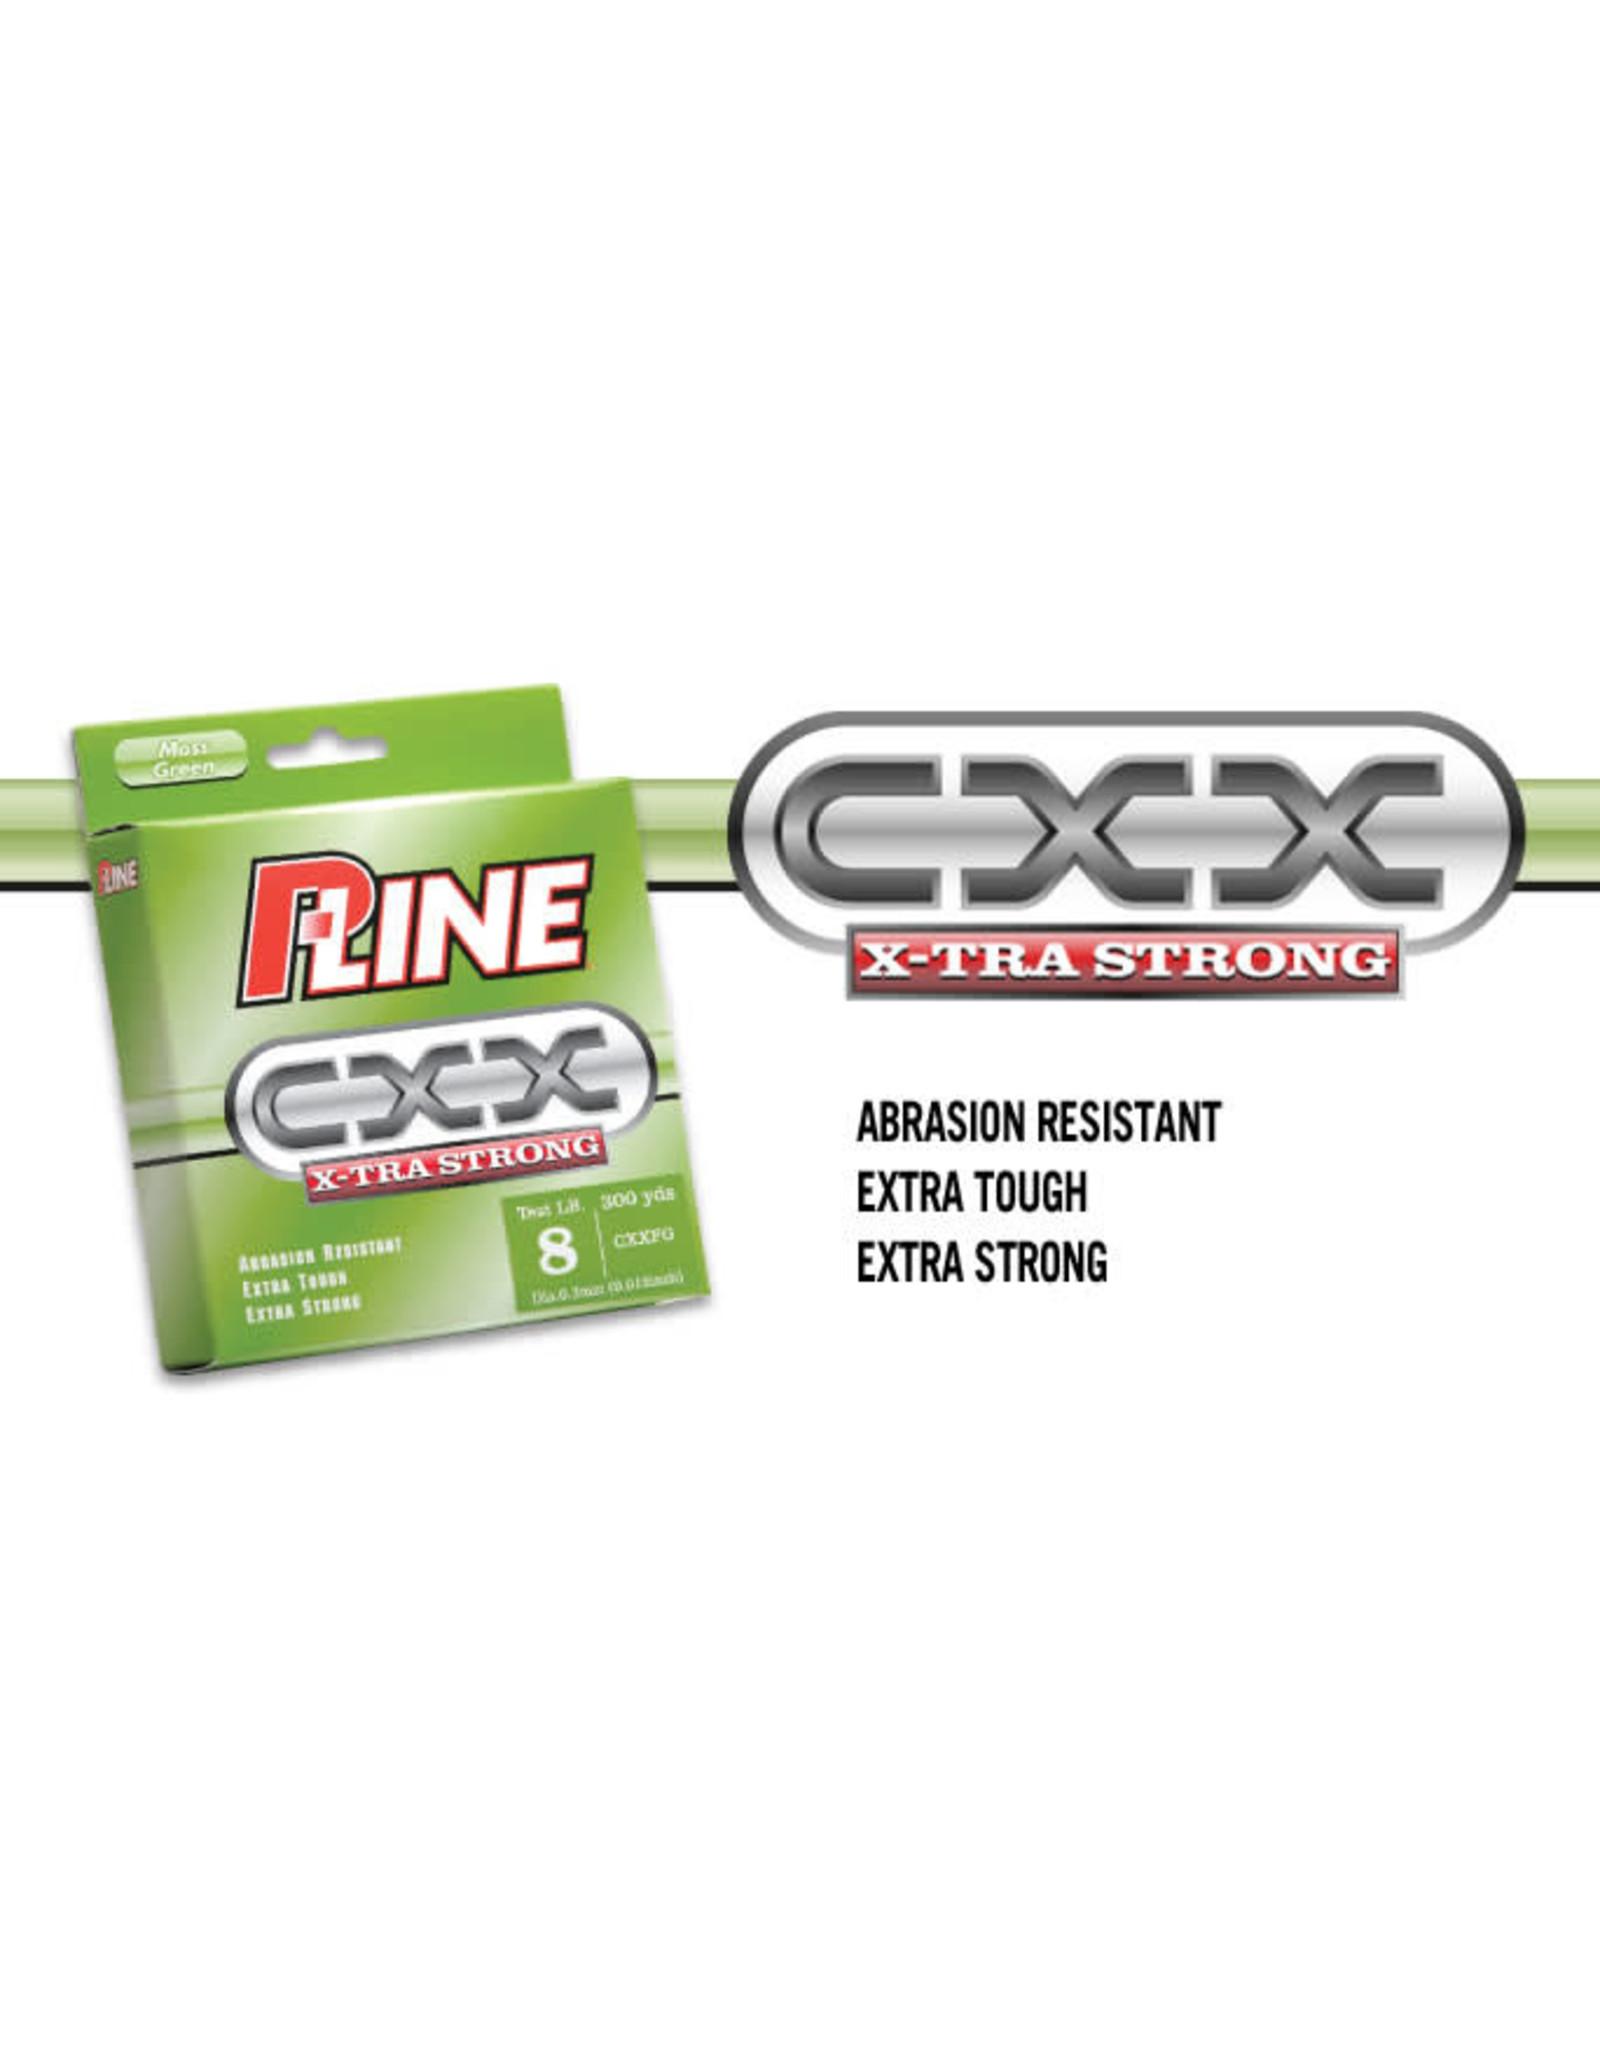 P-Line P-Line CXX Xtra Strong